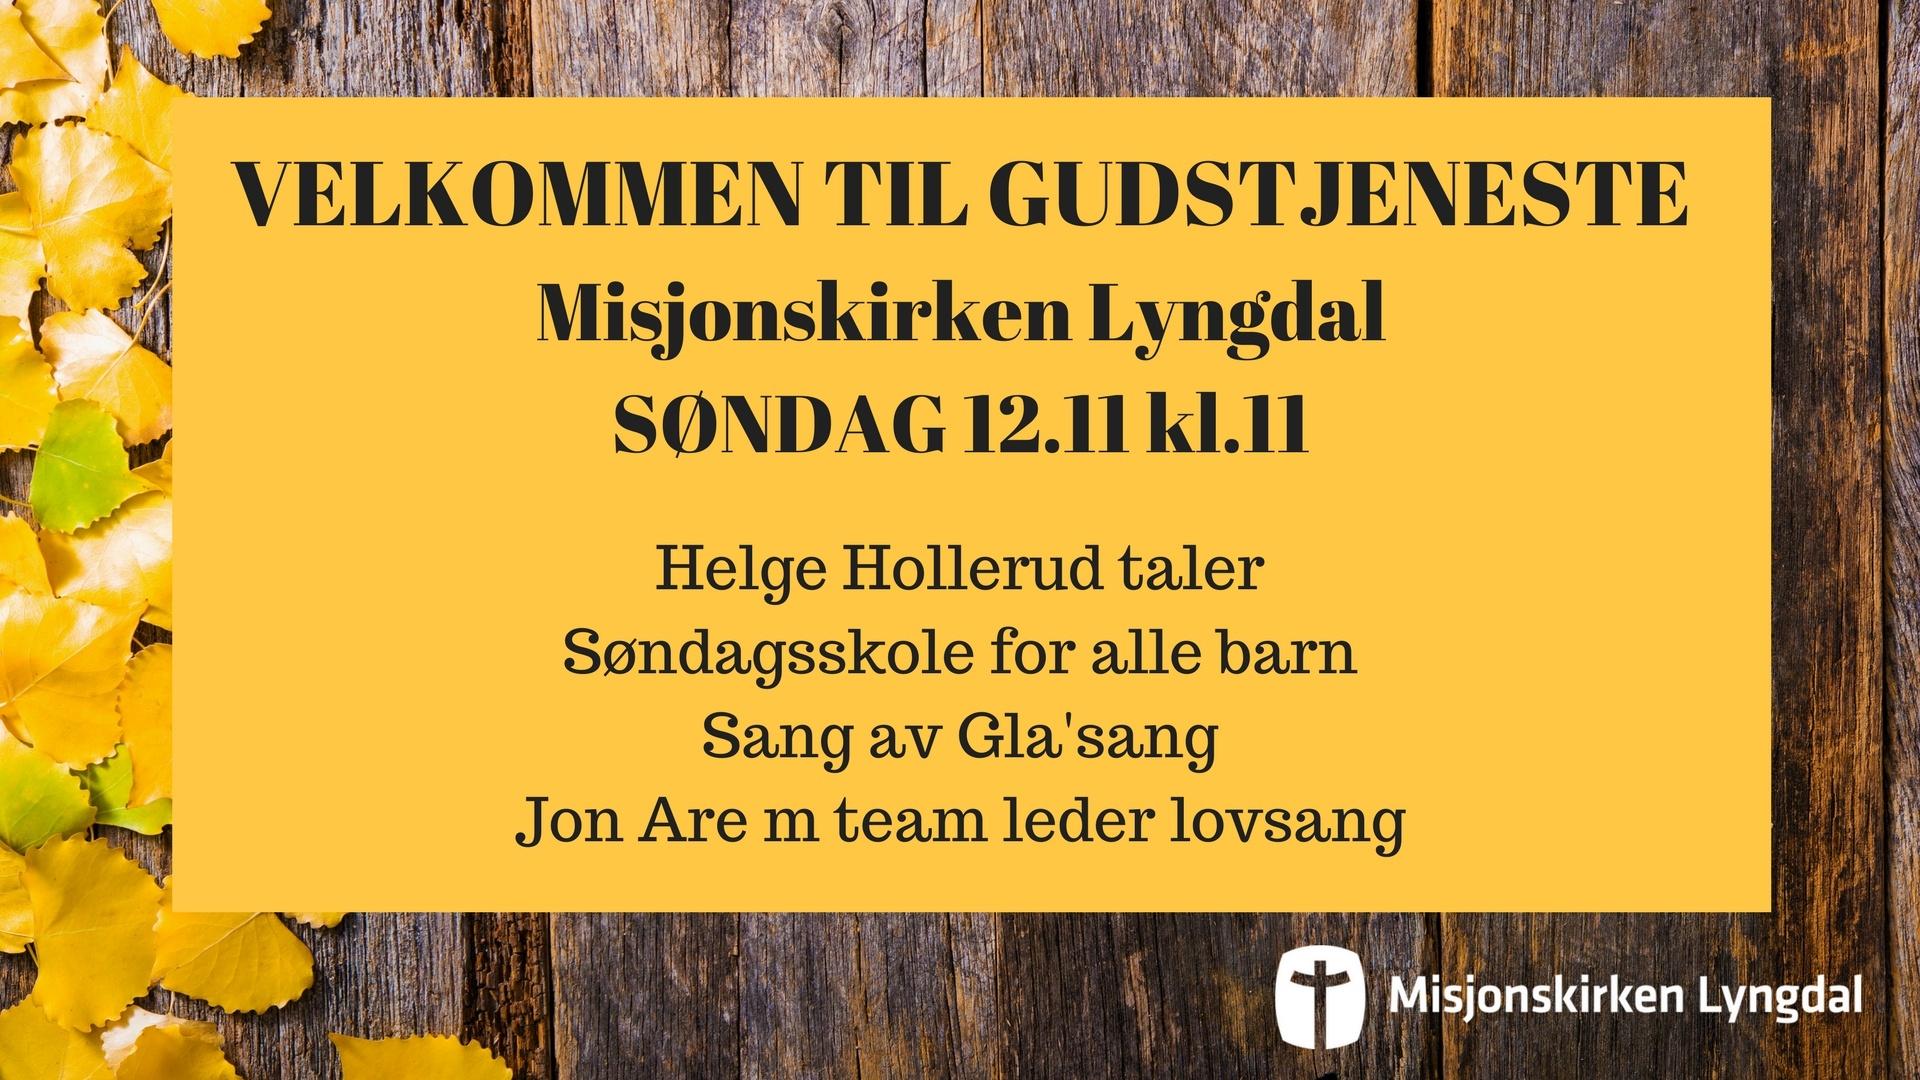 Velkommen til Gudstjeneste søndag 12/11-17